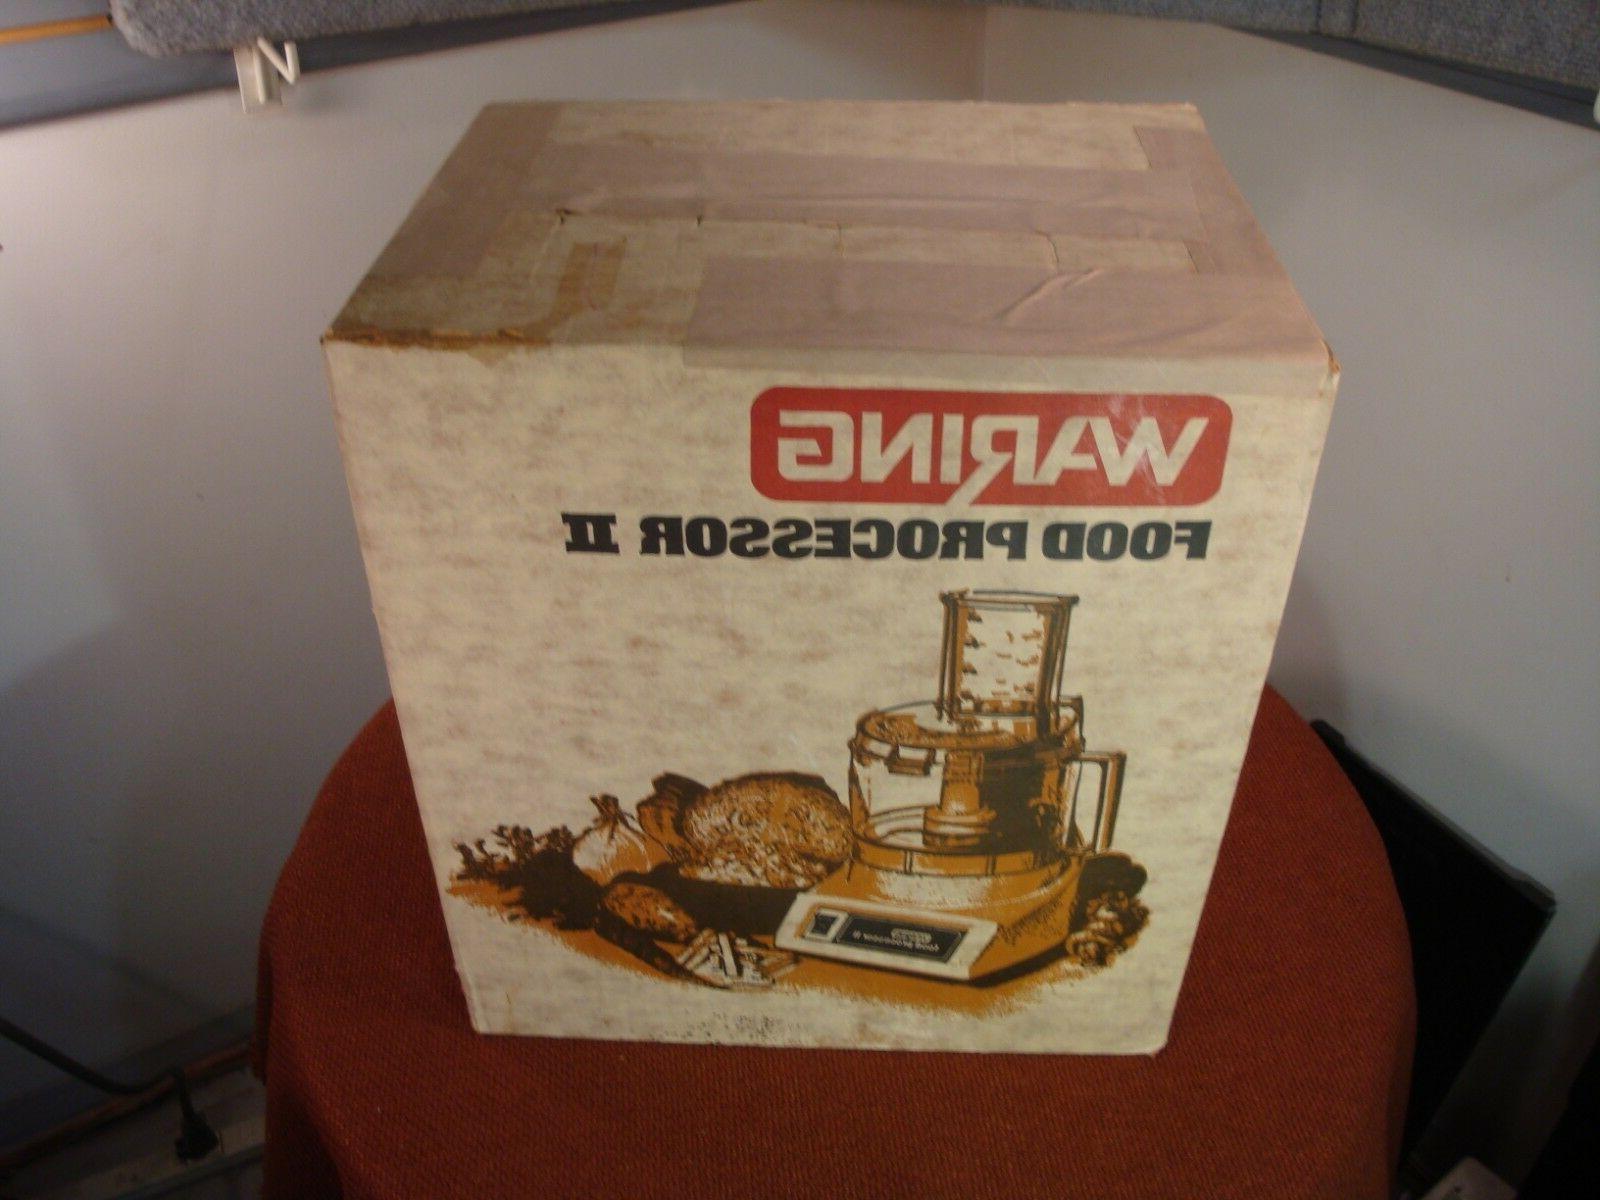 new vintage food processor ii fp530 8